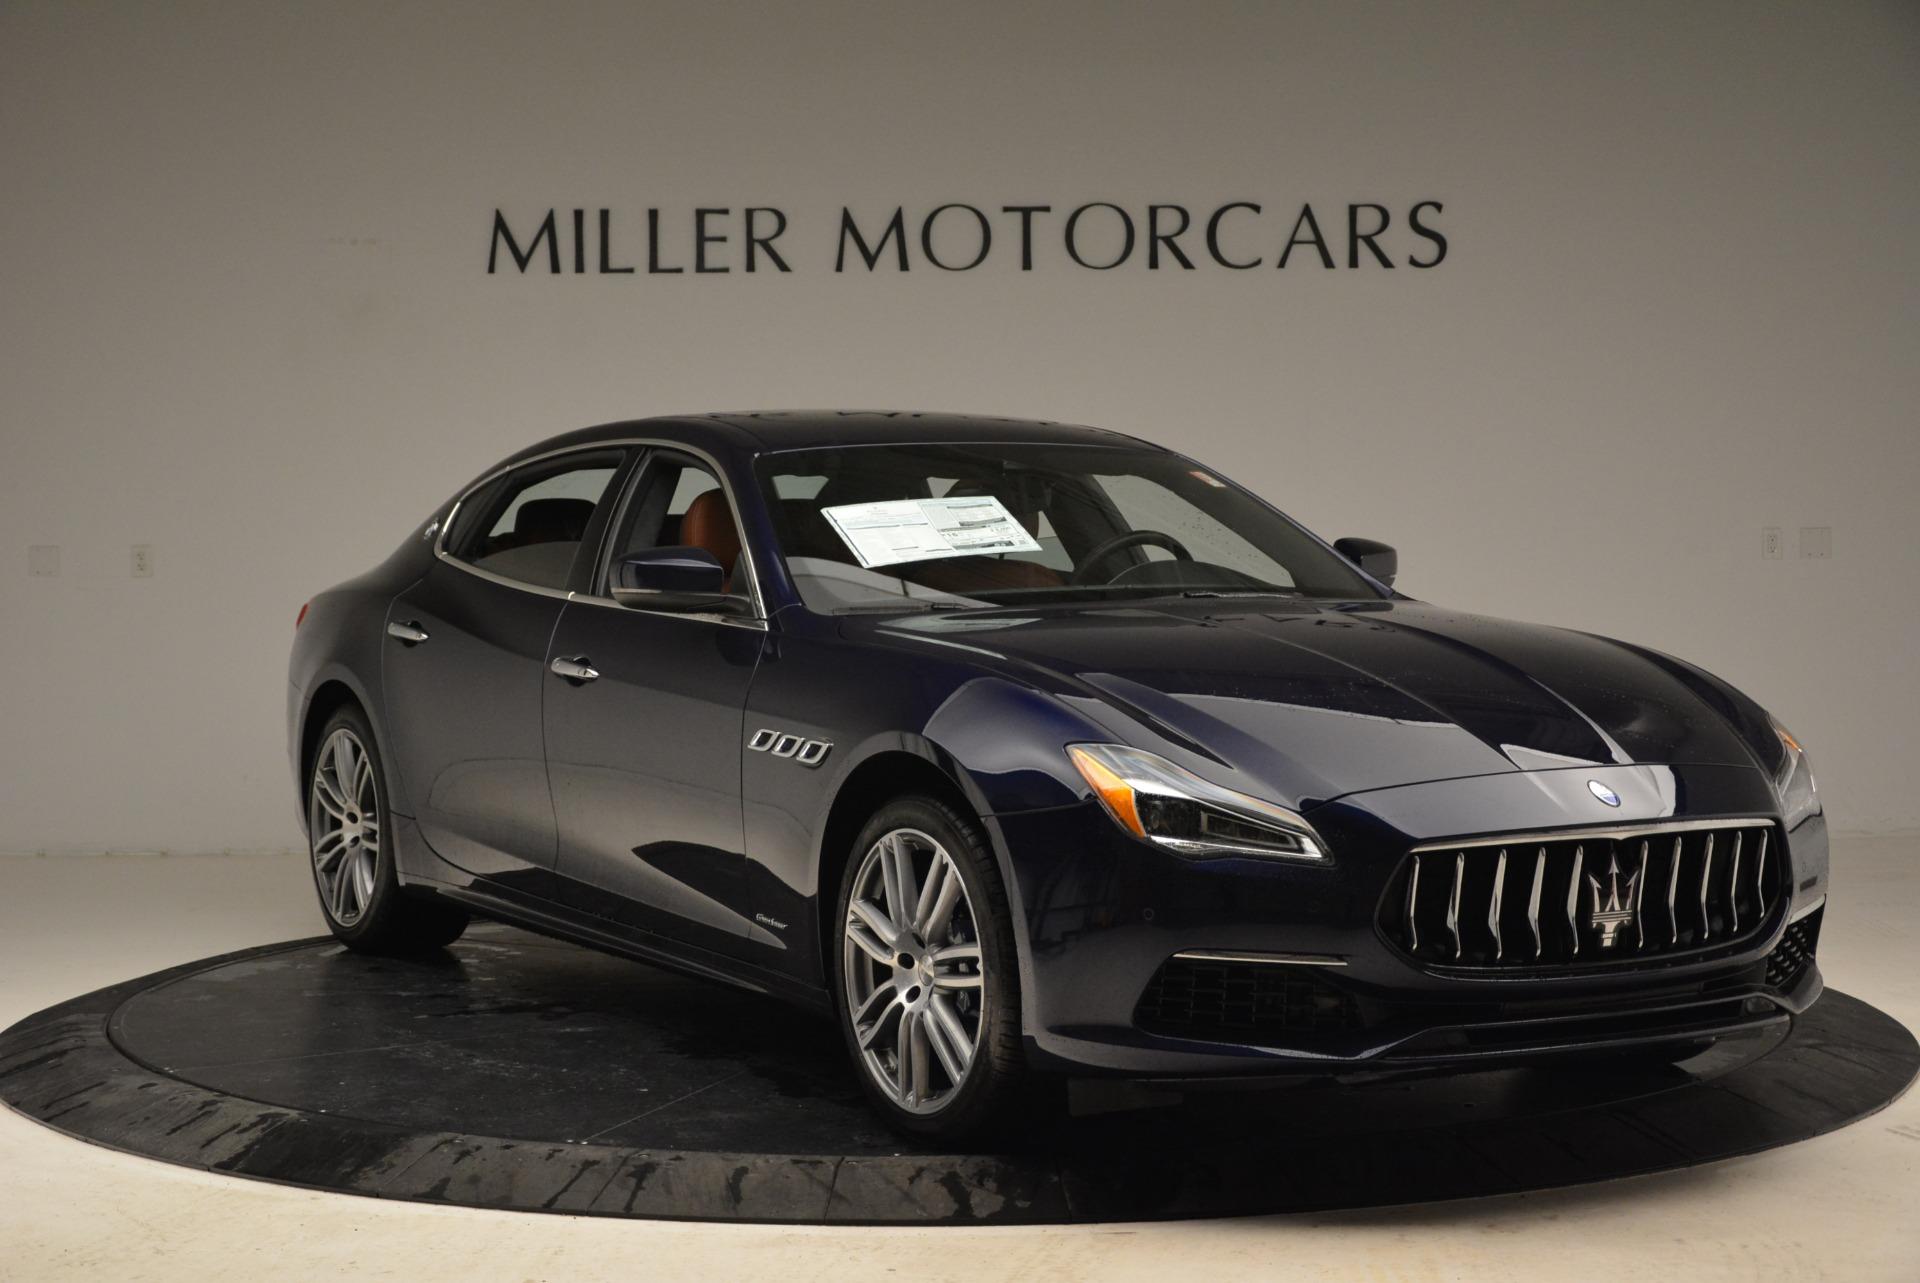 New 2018 Maserati Quattroporte S Q4 GranLusso For Sale In Westport, CT 1816_p11